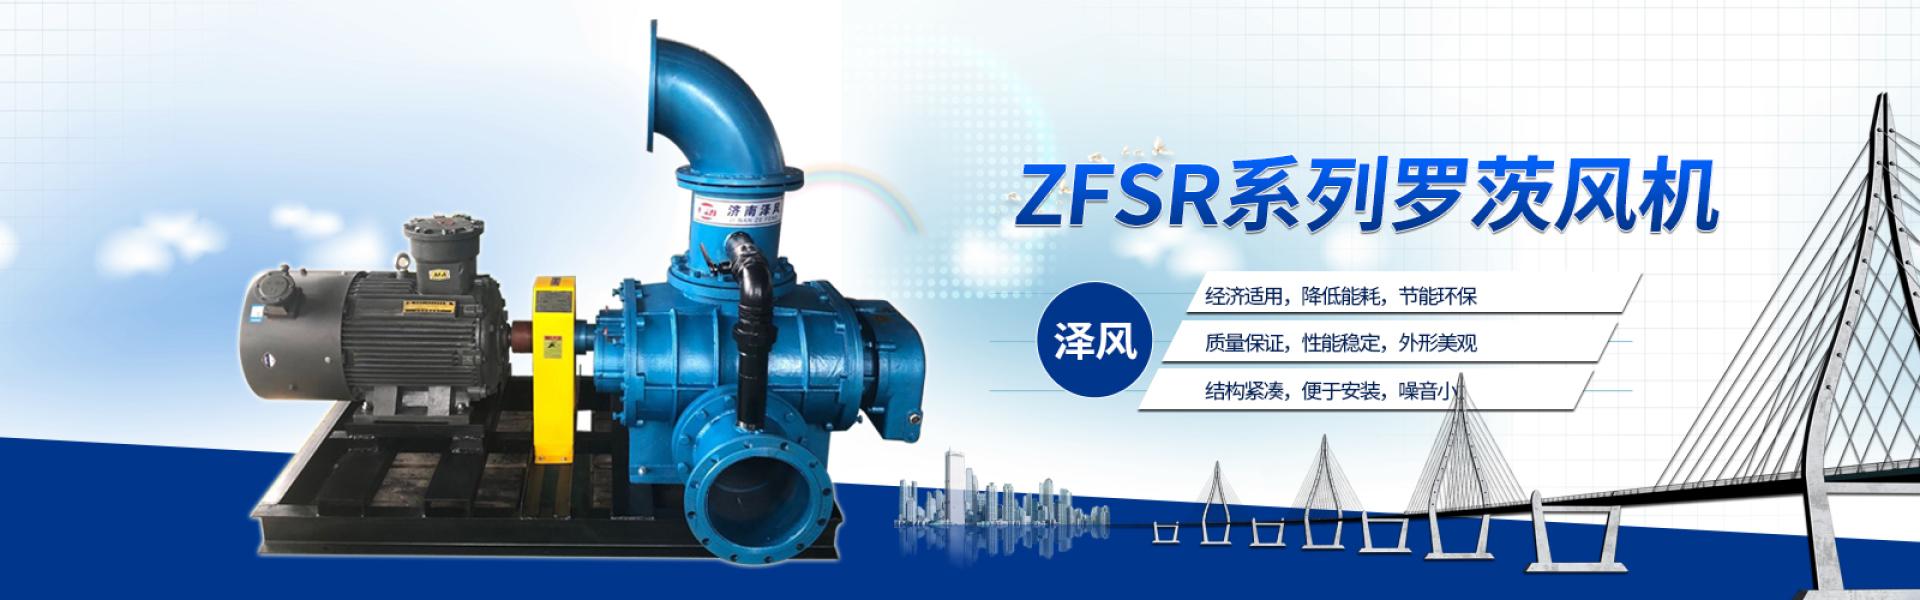 ZFSR250系列特殊氣體輸送風機